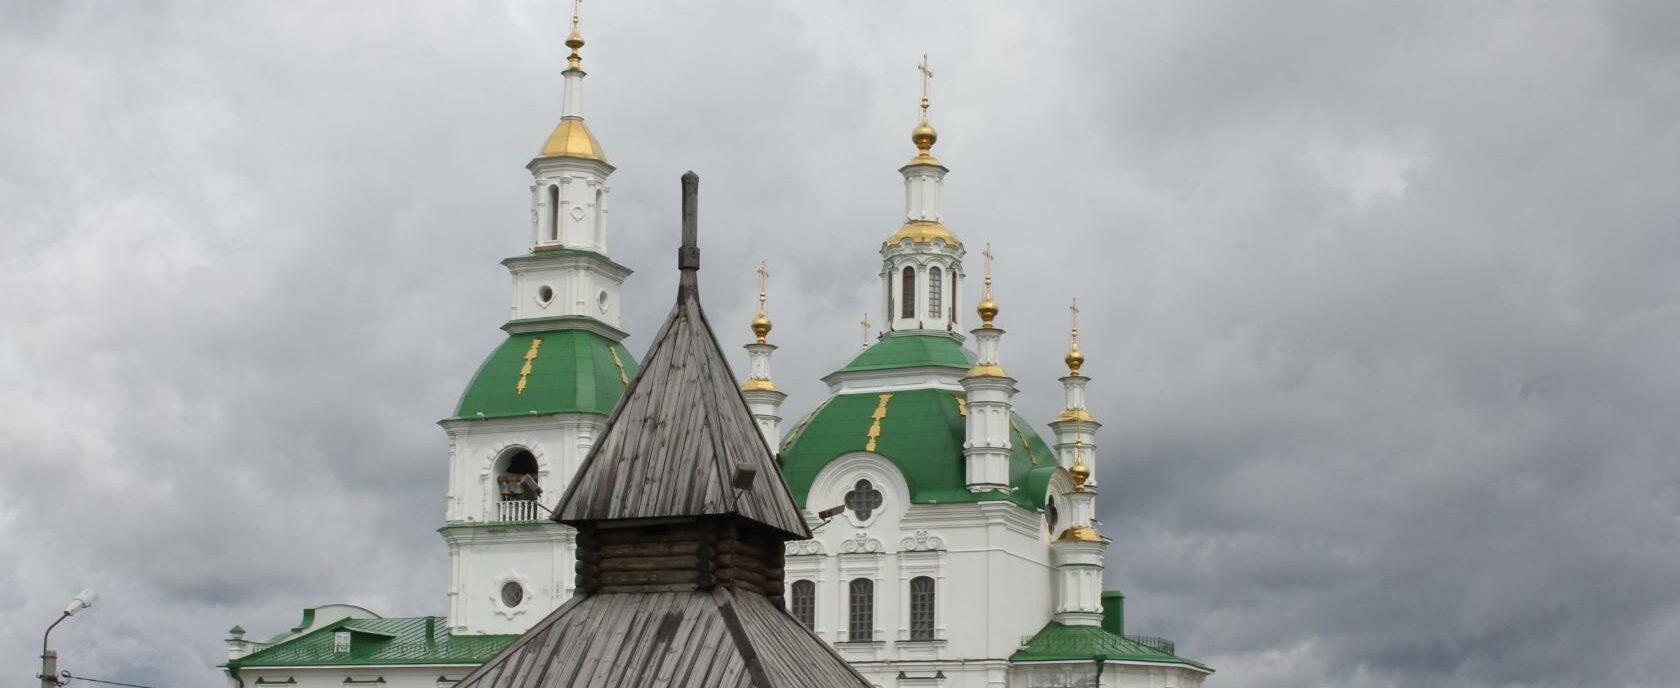 Чтобы увидеть все достопримечательности Ялуторовска, нужен хороший запас времени